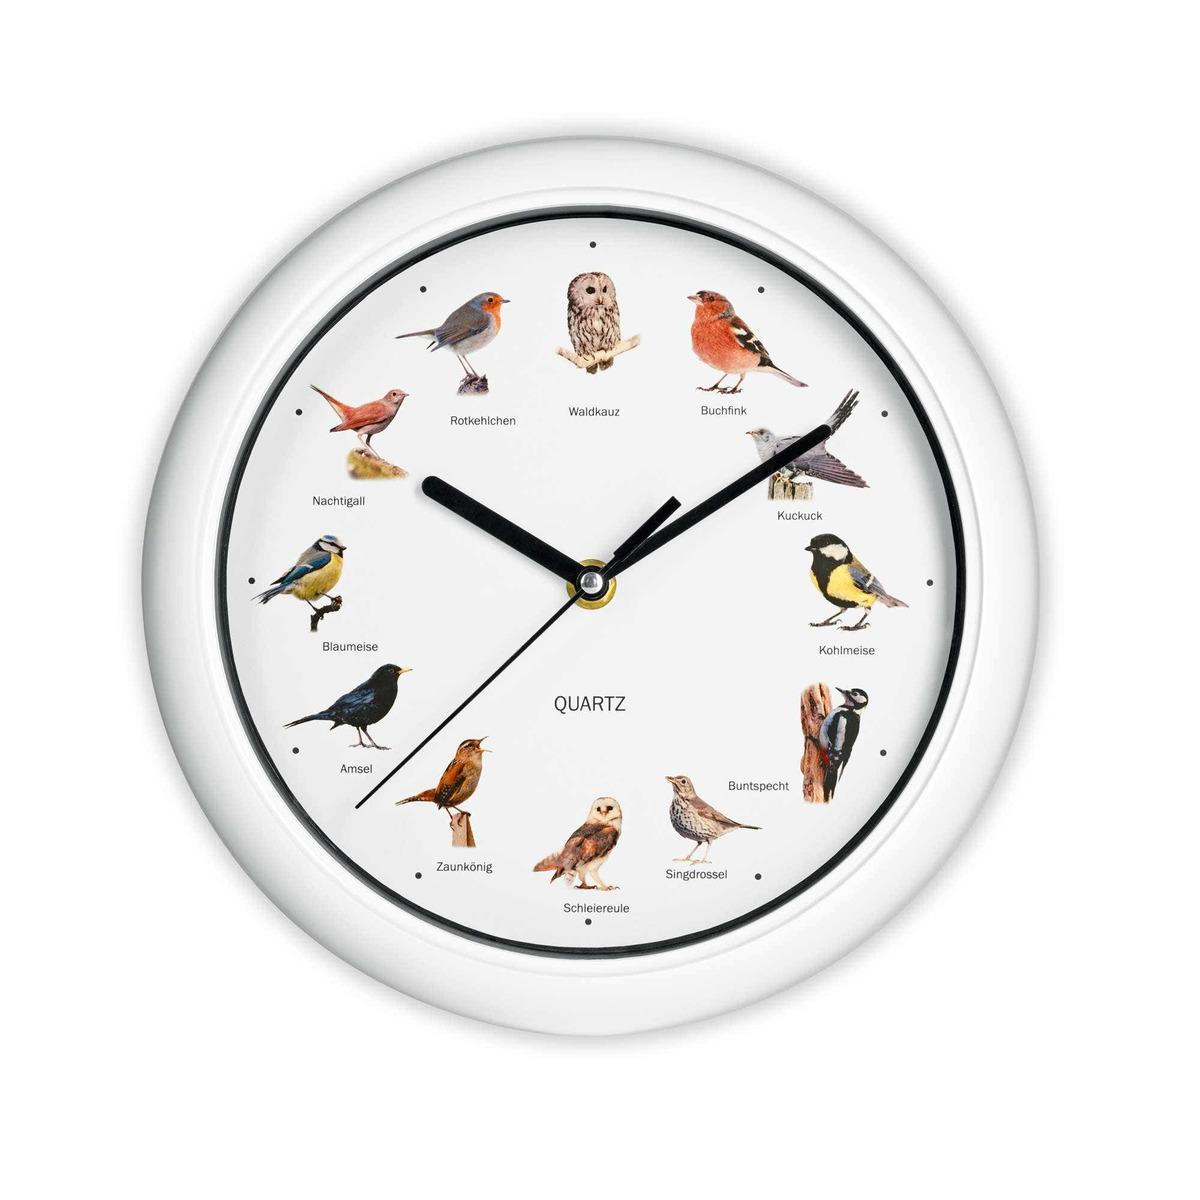 Bild 1 von EASYMAXX Wanduhr mit Vogelstimmen, Ø ca. 25cm